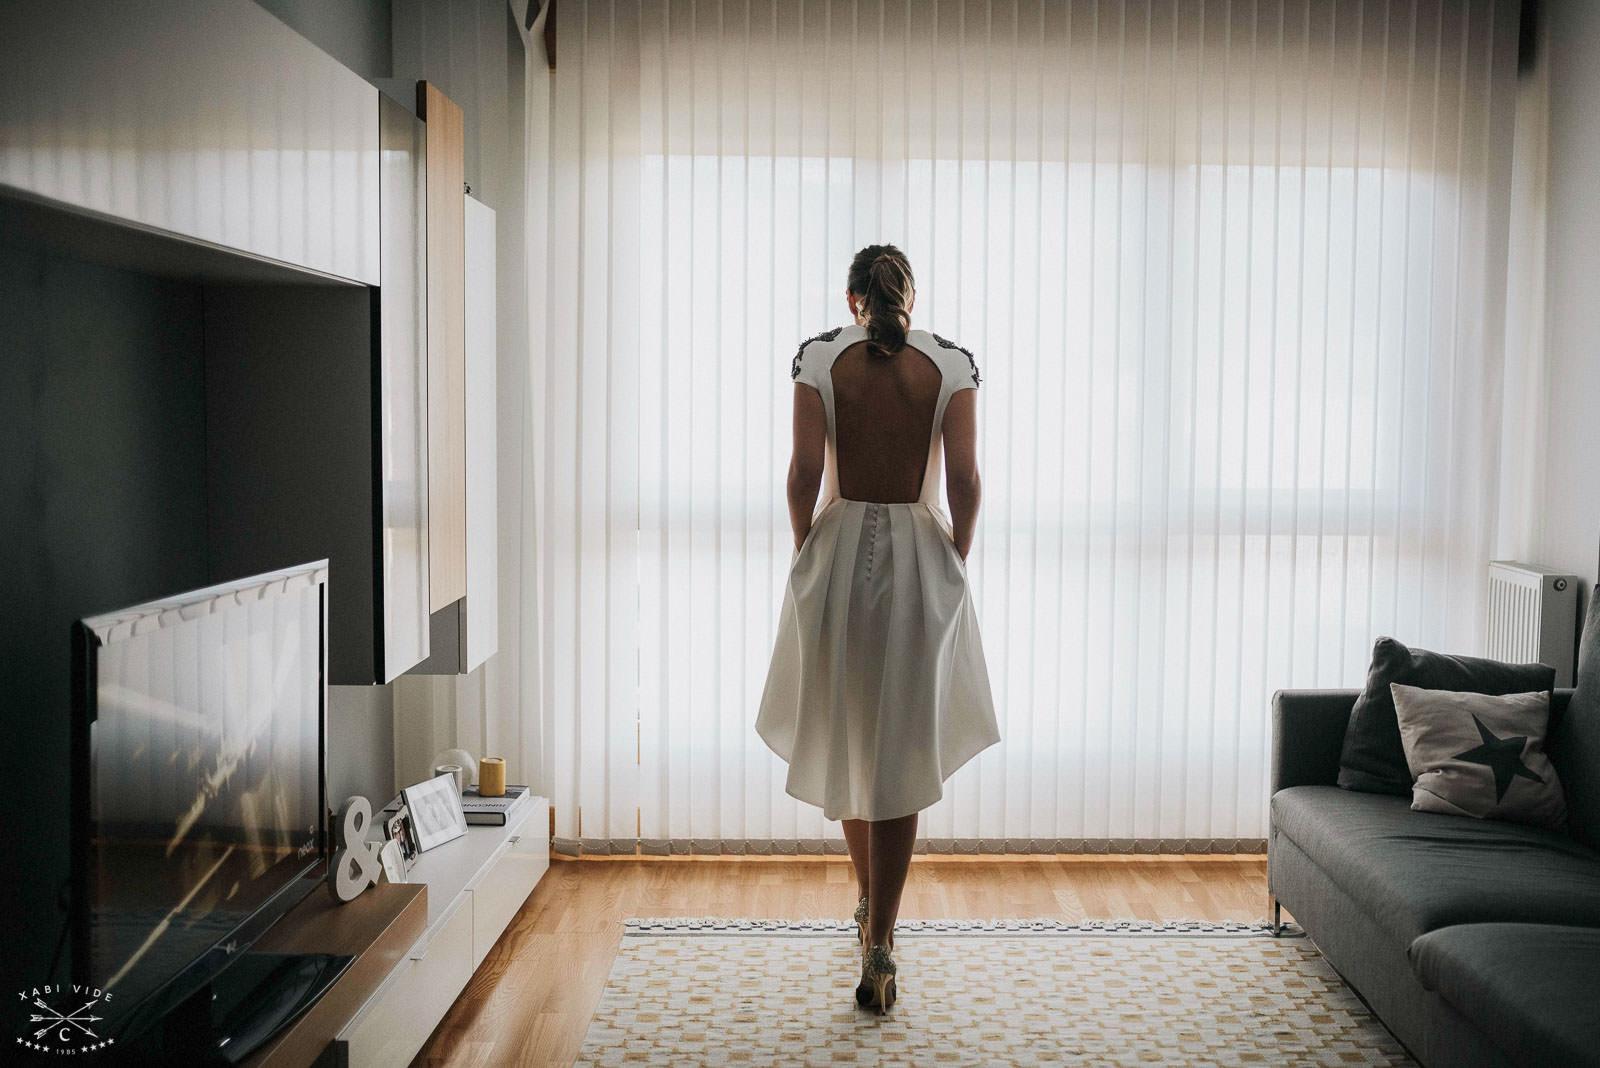 fotografo de bodas en bilbao-25